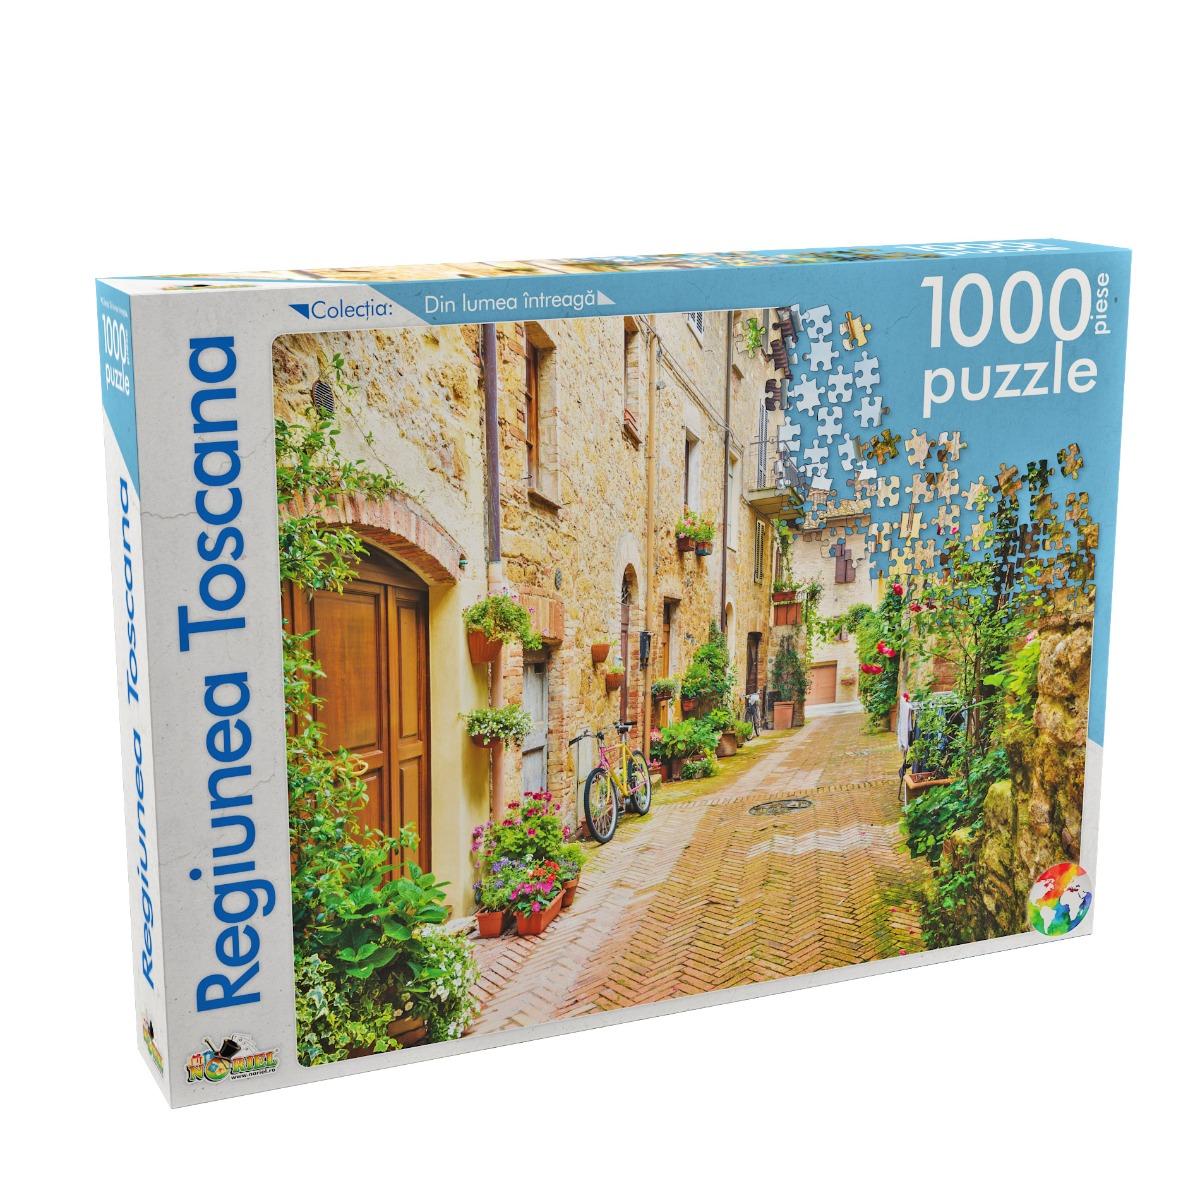 puzzle noriel din lumea intreaga - regiunea toscana (1000 piese)